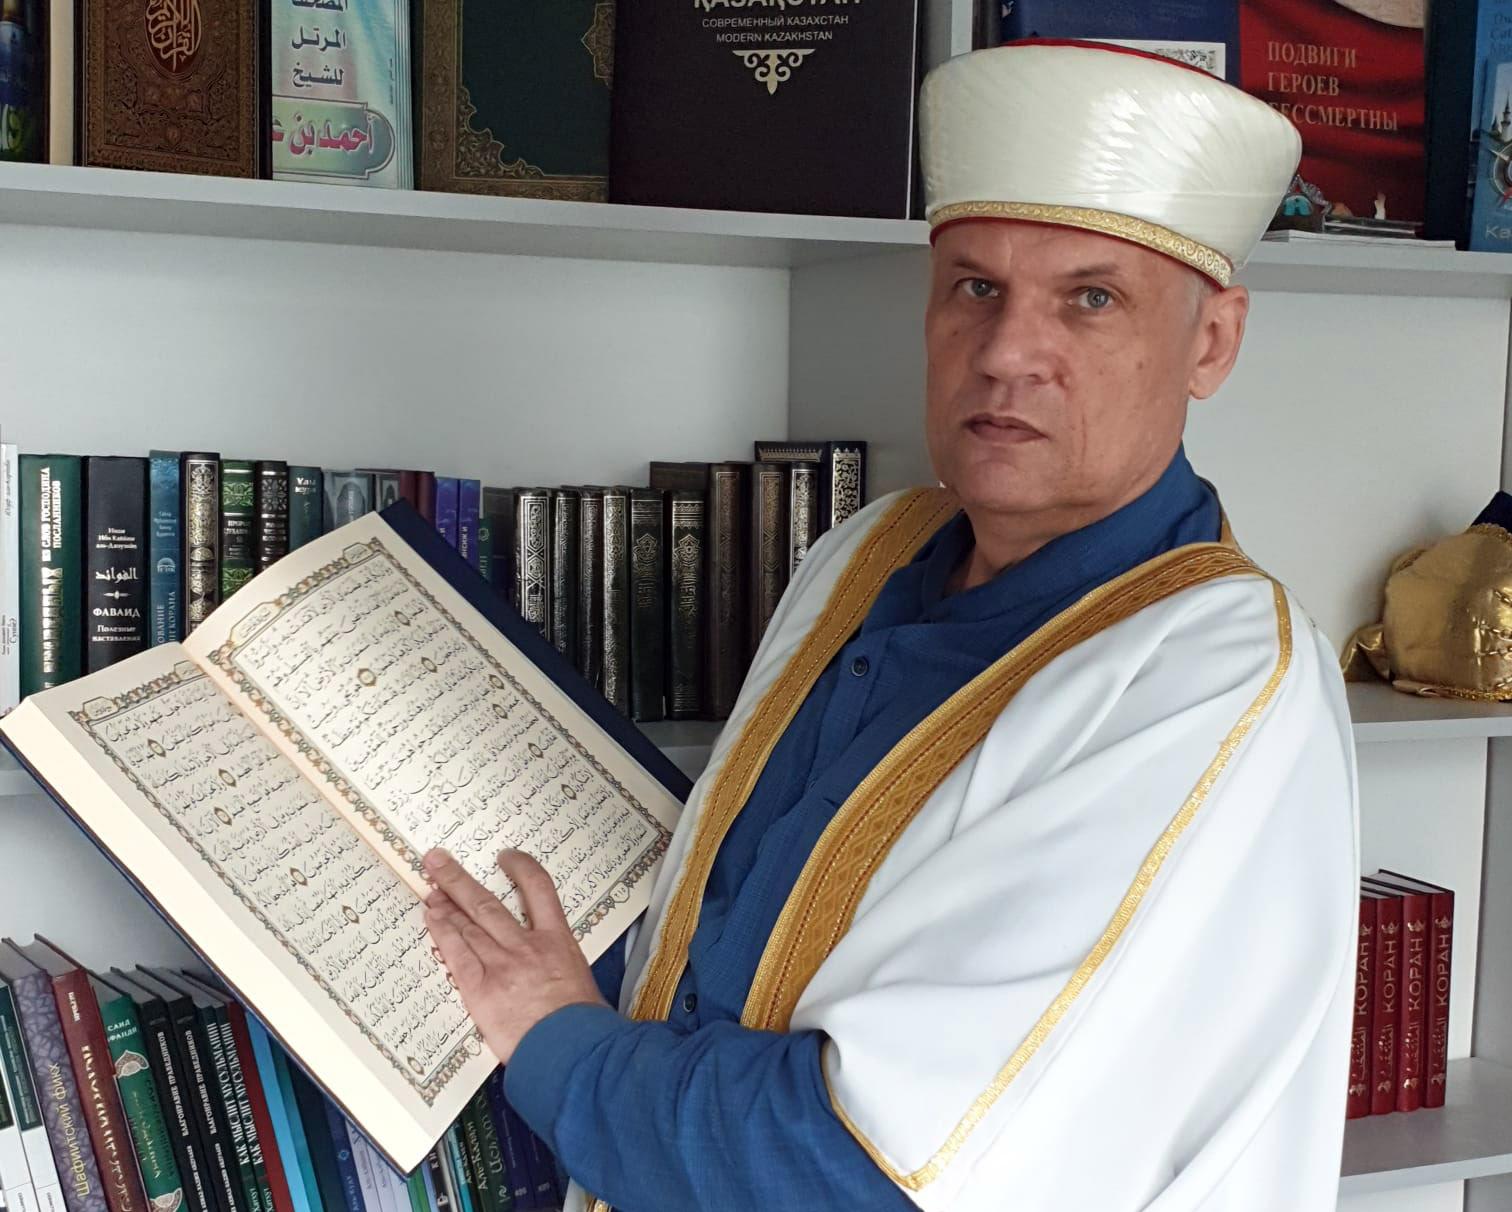 Саранчук Сергей